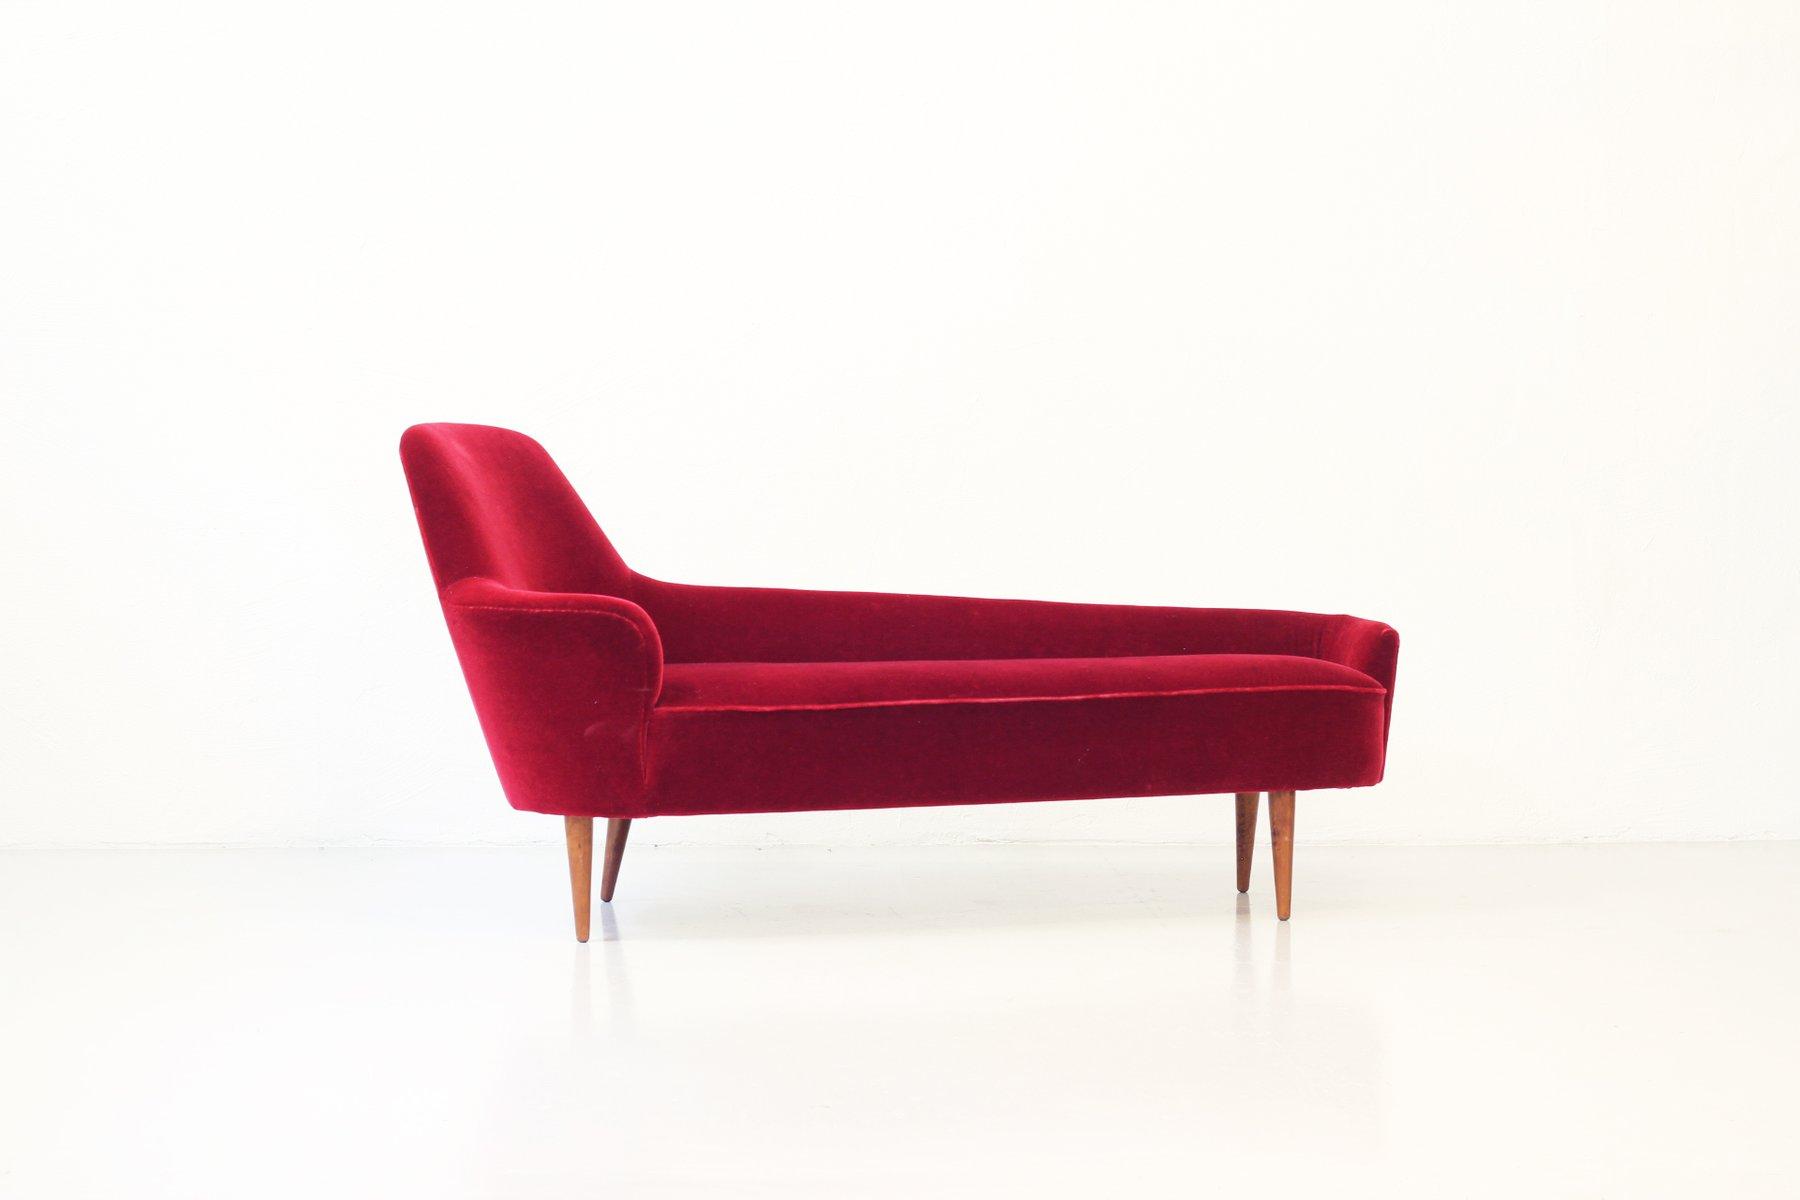 Chaise longue singoalla di gillis iundgren per ikea 1961 - Copridivano chaise longue ikea ...